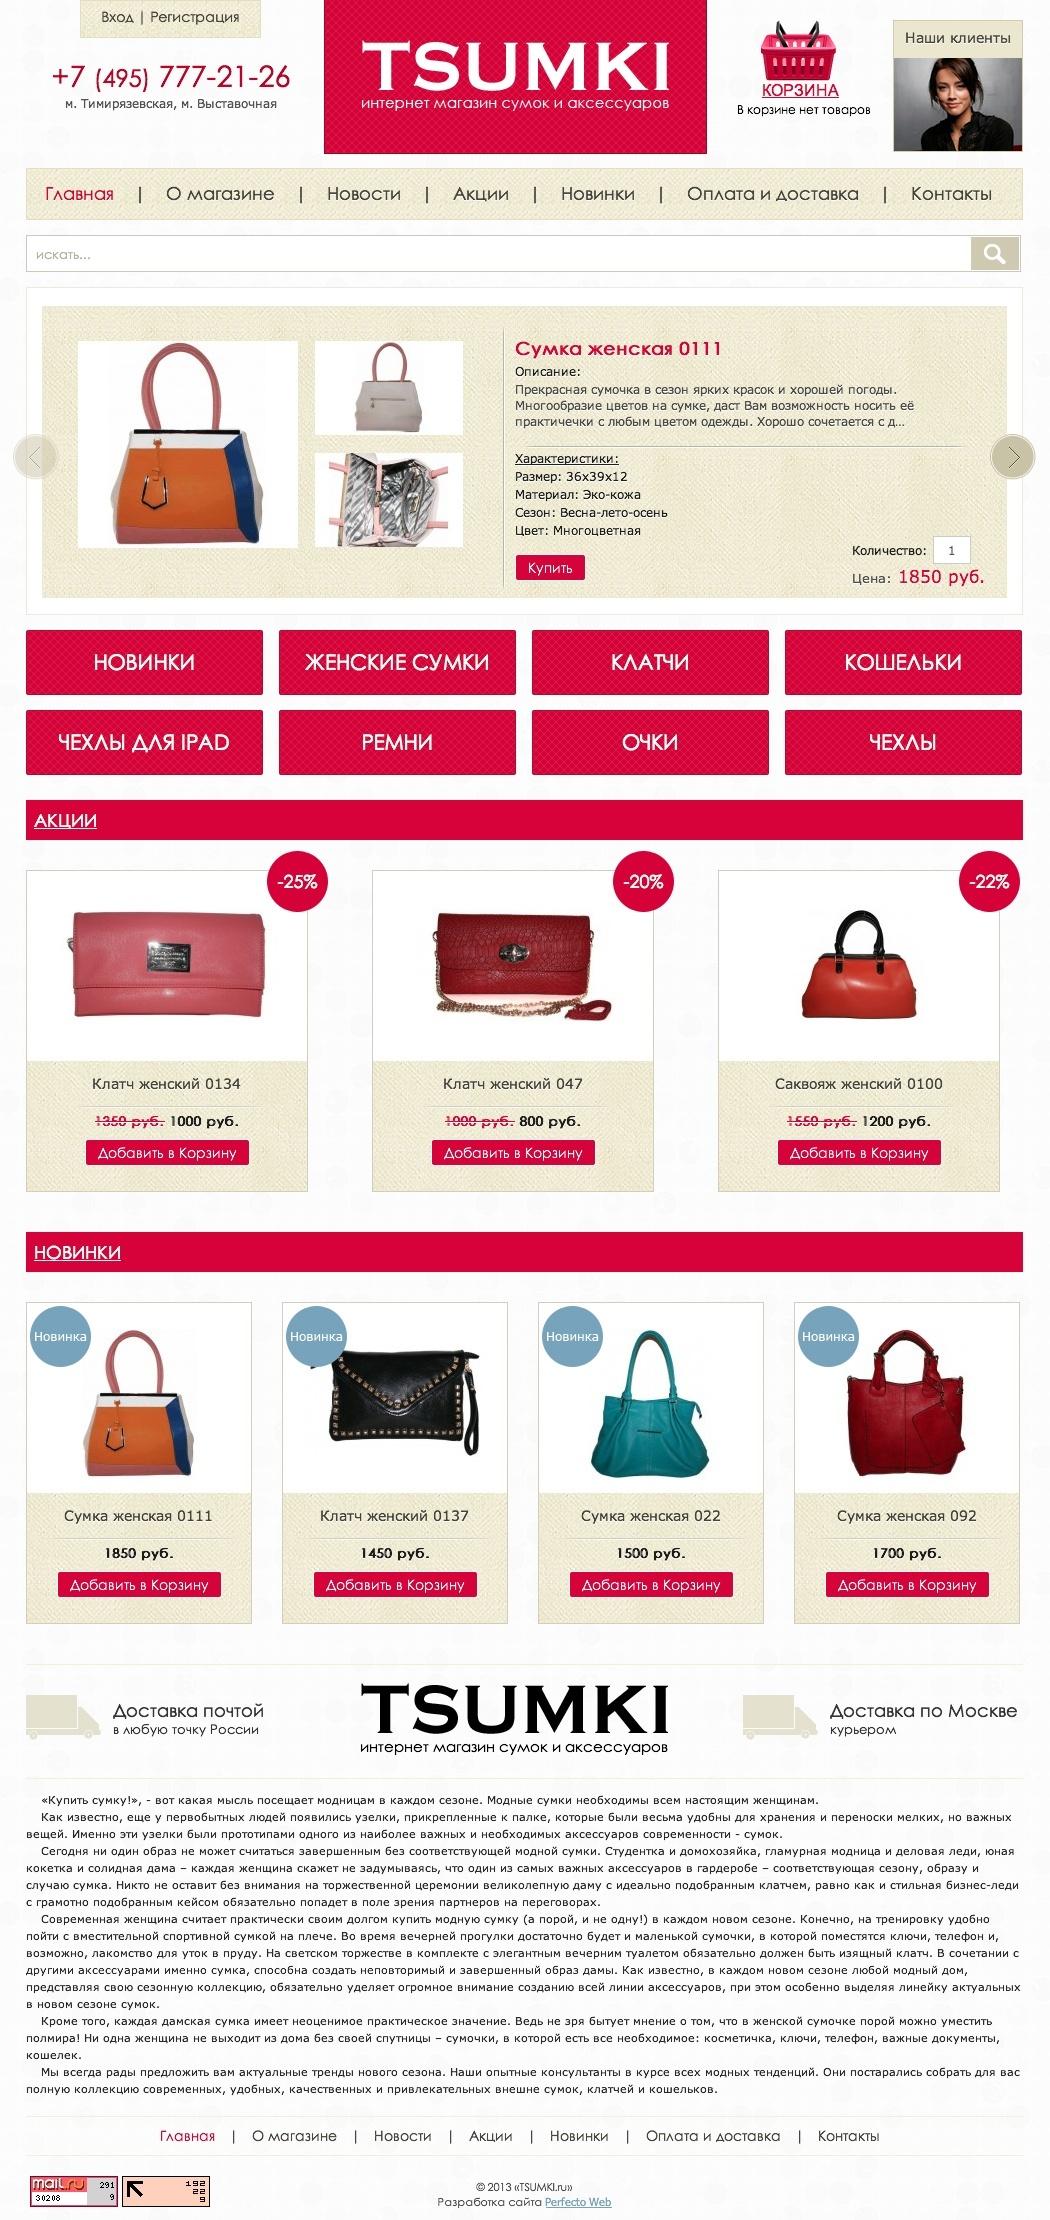 Брендовые сумки купить в интернет магазине